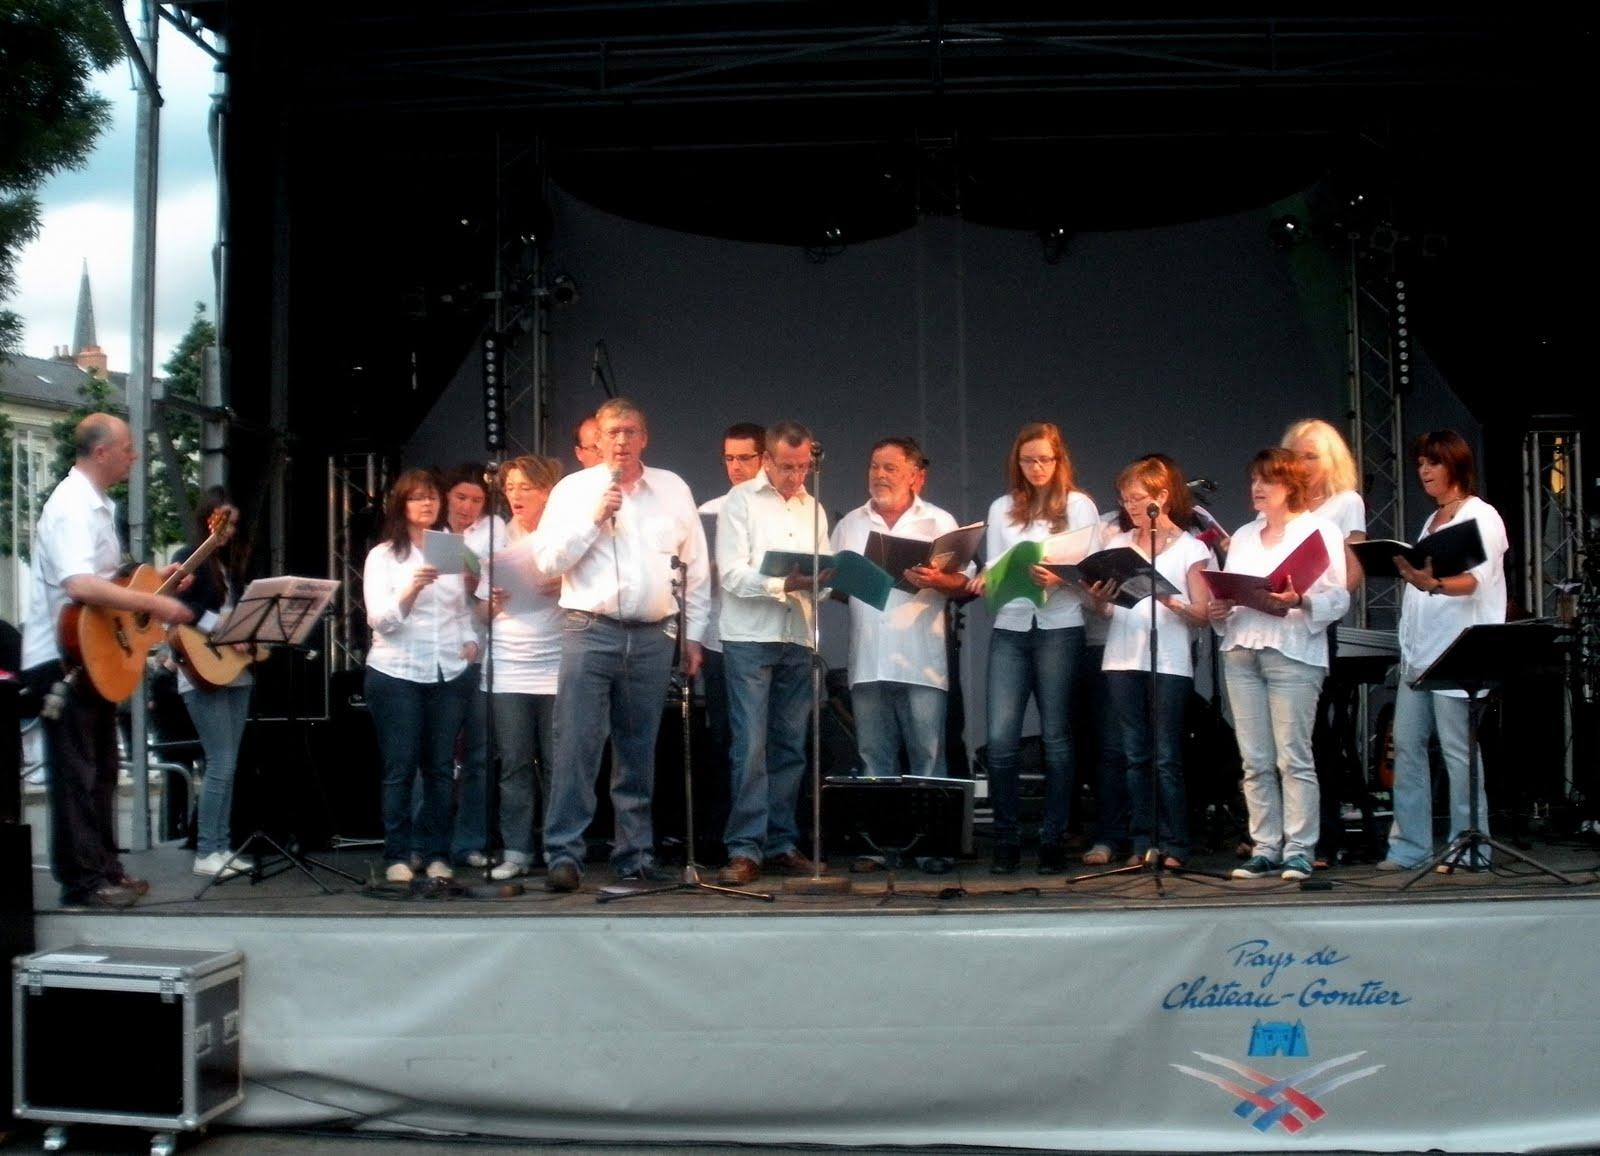 2013-06 (juin) 21 – Fête de la Musique – Château-Gontier (5)